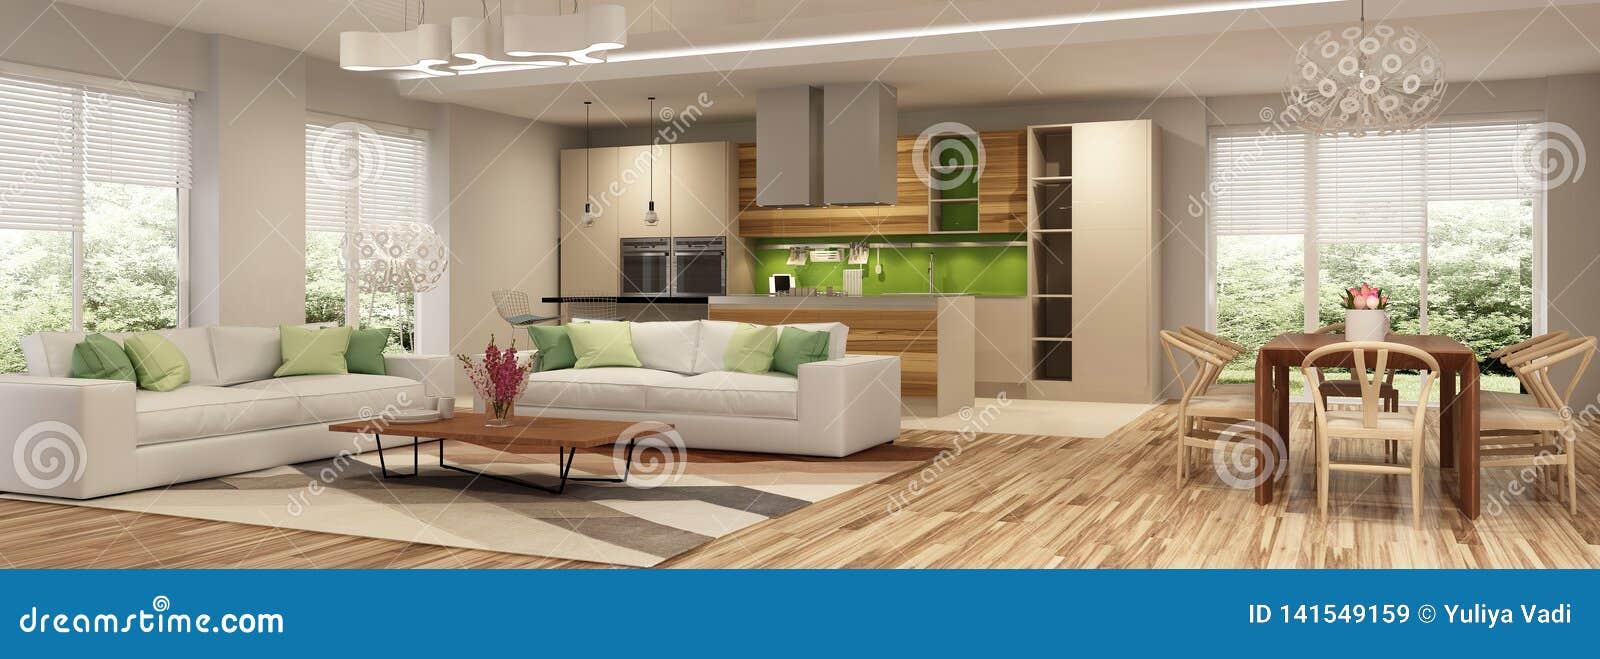 Intérieur moderne de maison de salon et d une cuisine dans des couleurs beiges et vertes